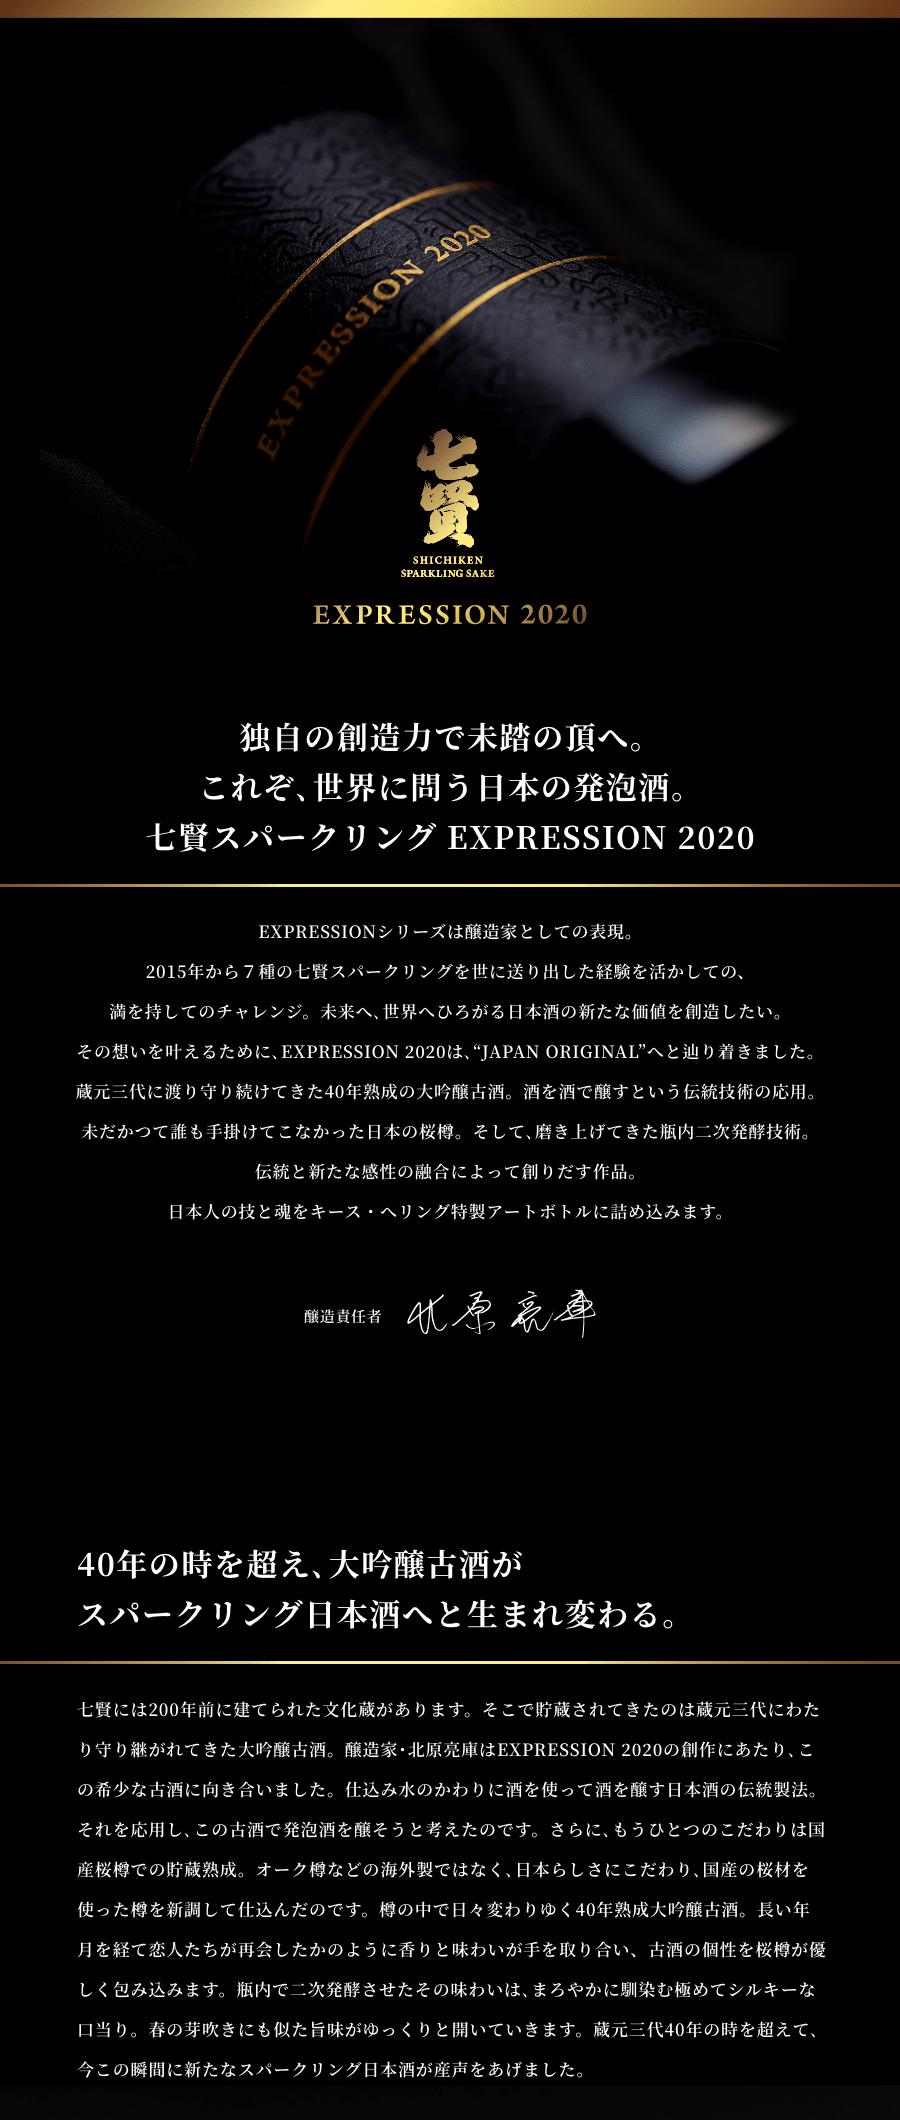 スパークリング日本酒EXPRESSION2020